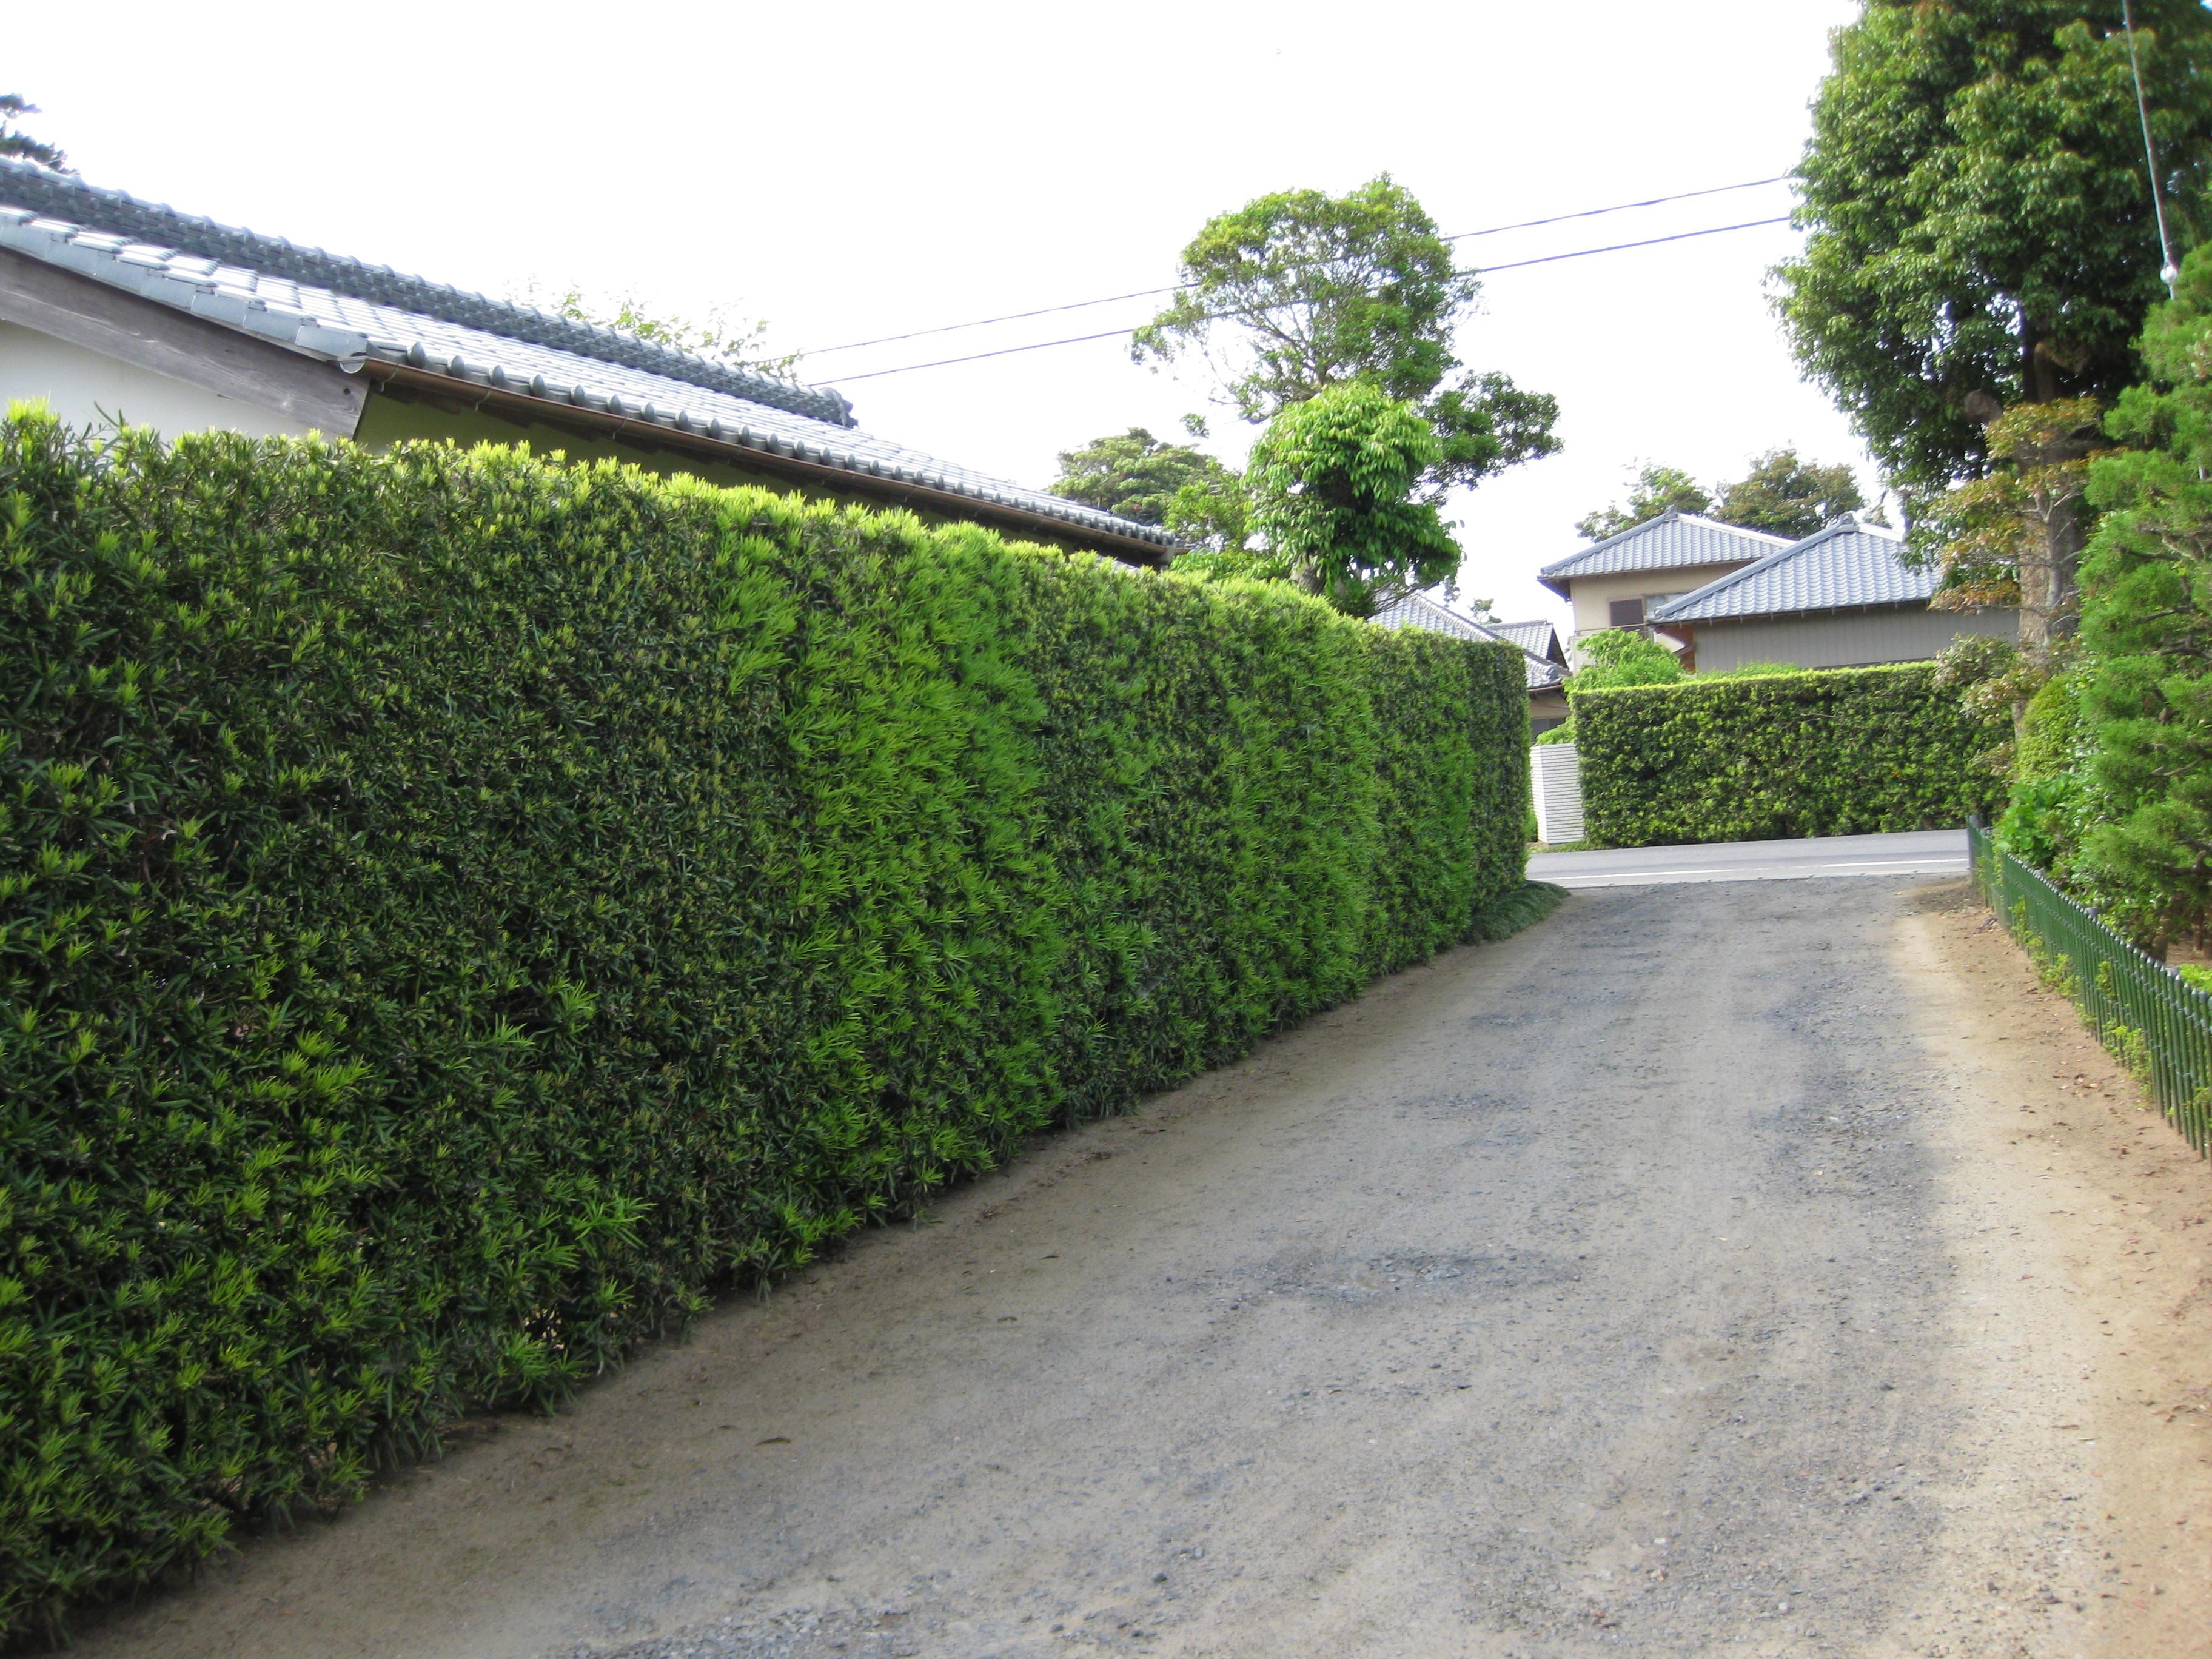 podocarpo no jardim japonês